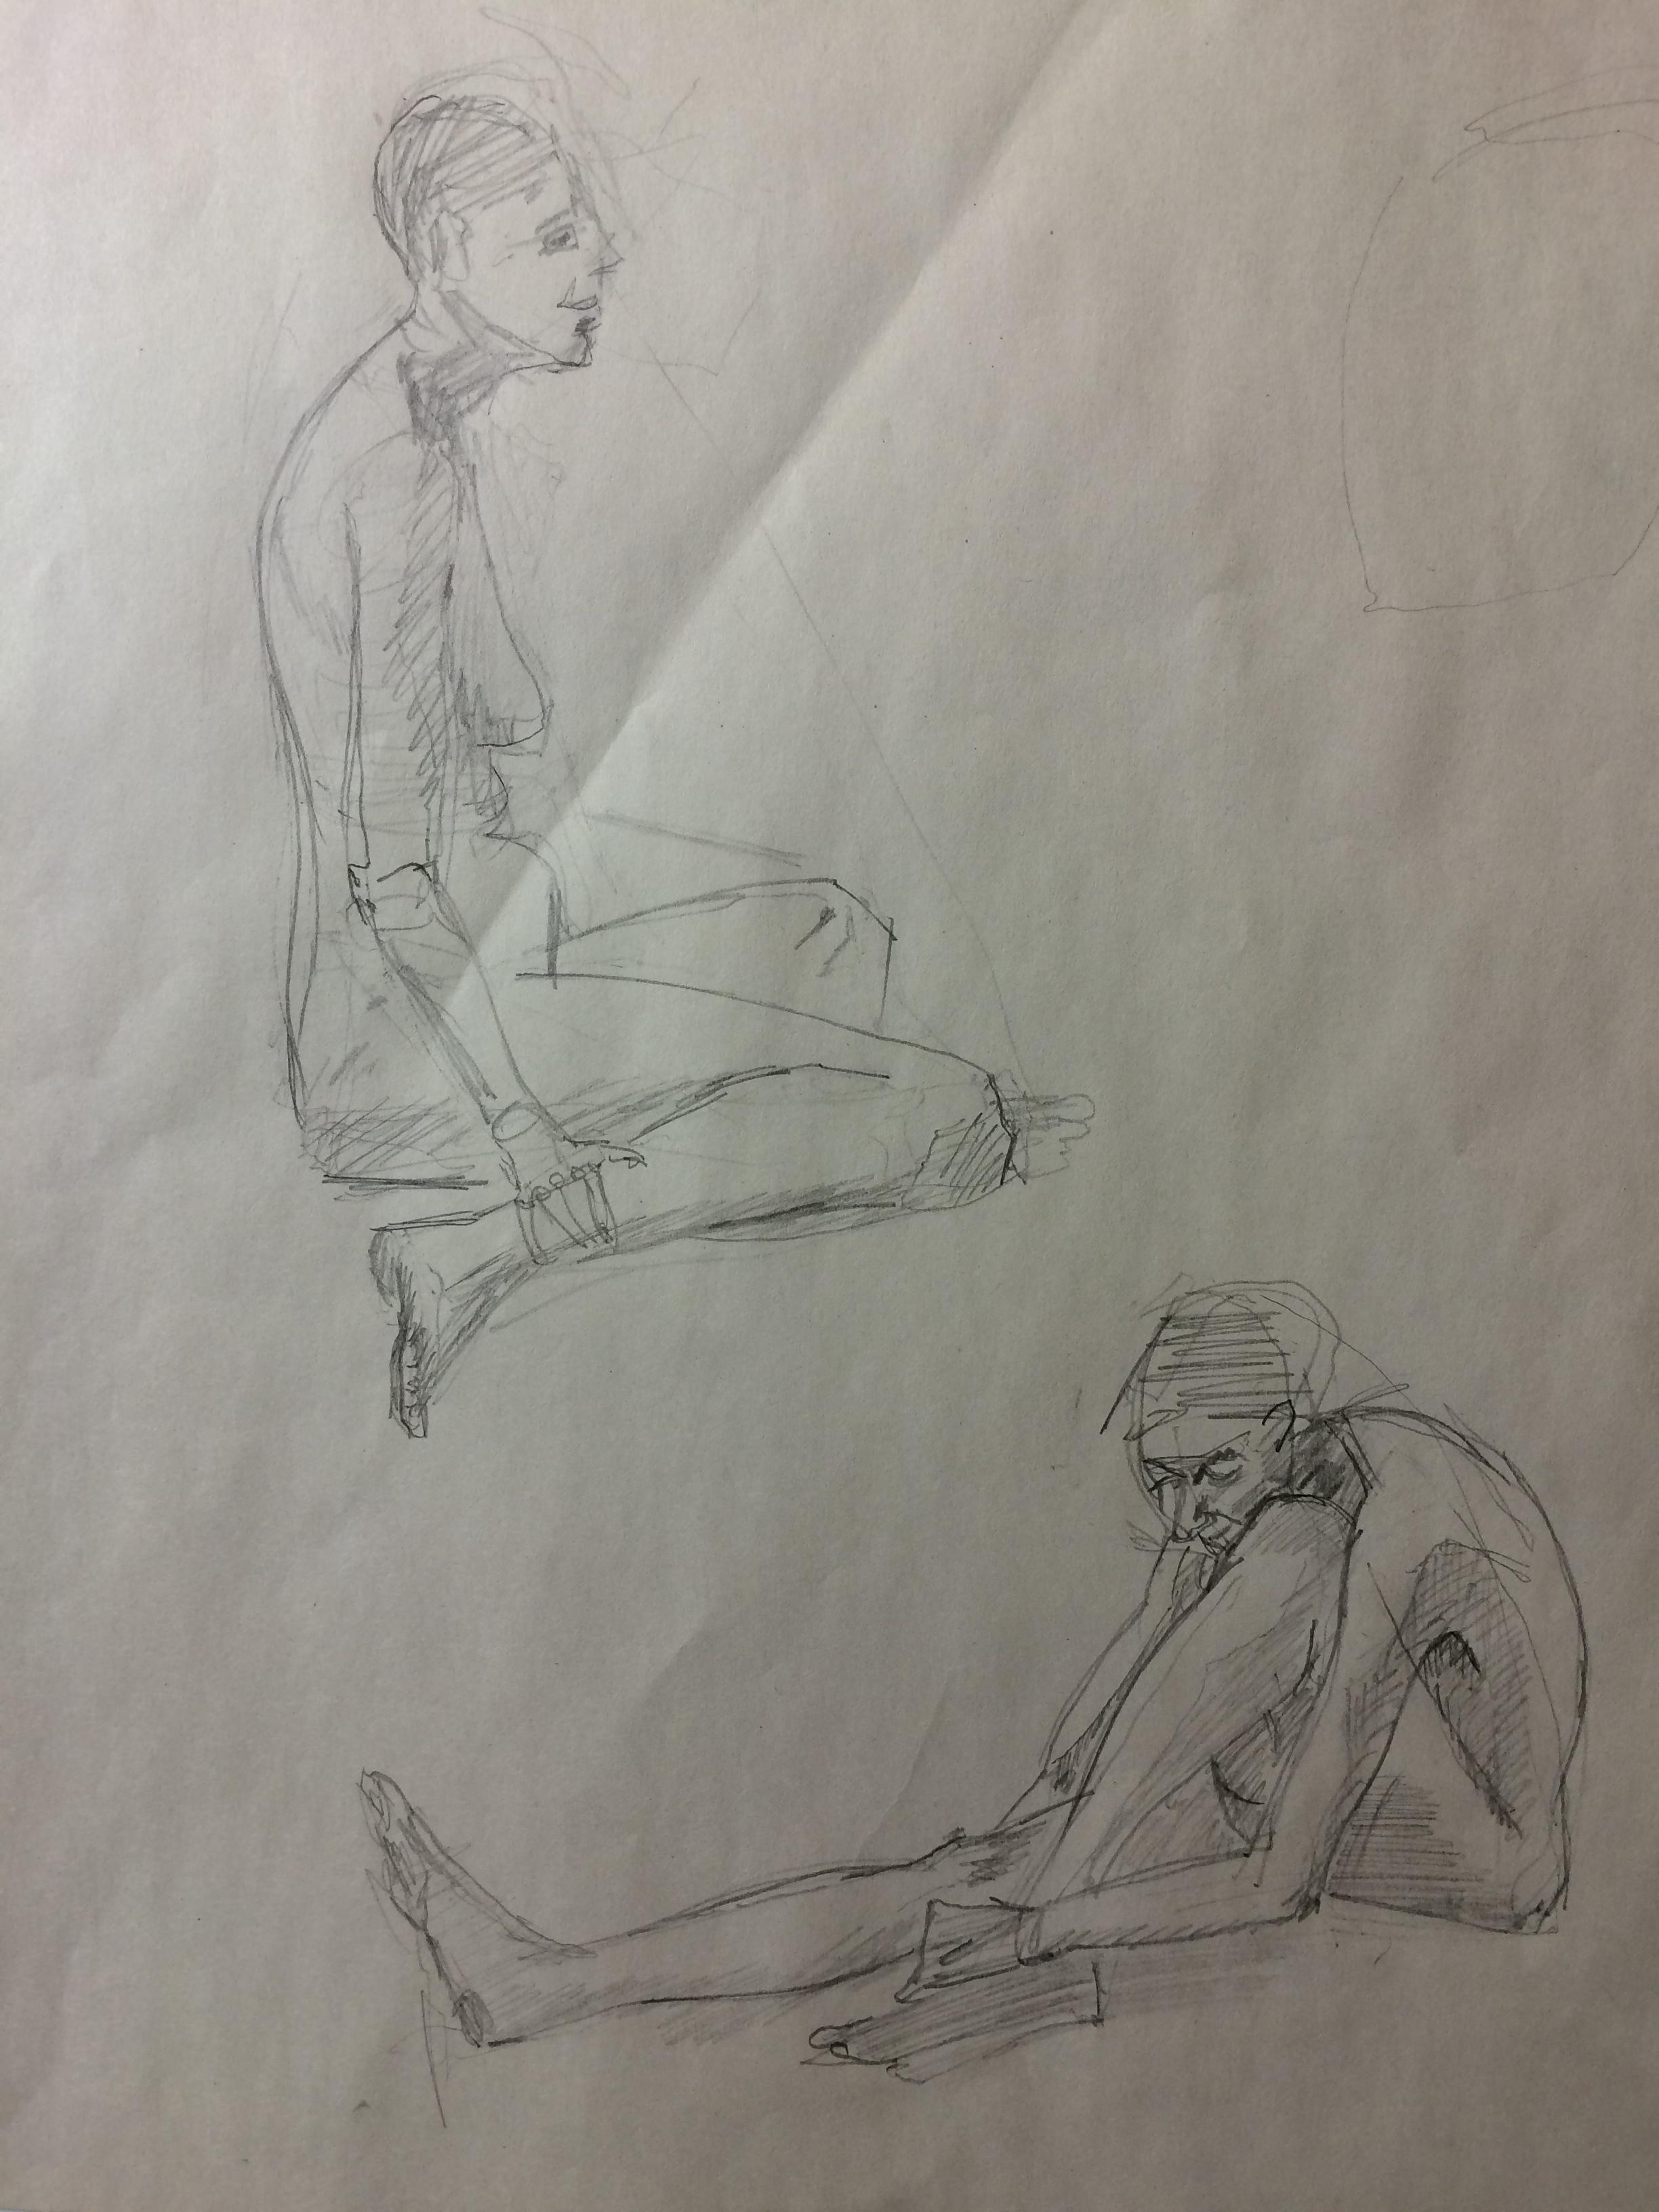 Teresa - 10 mins sketches